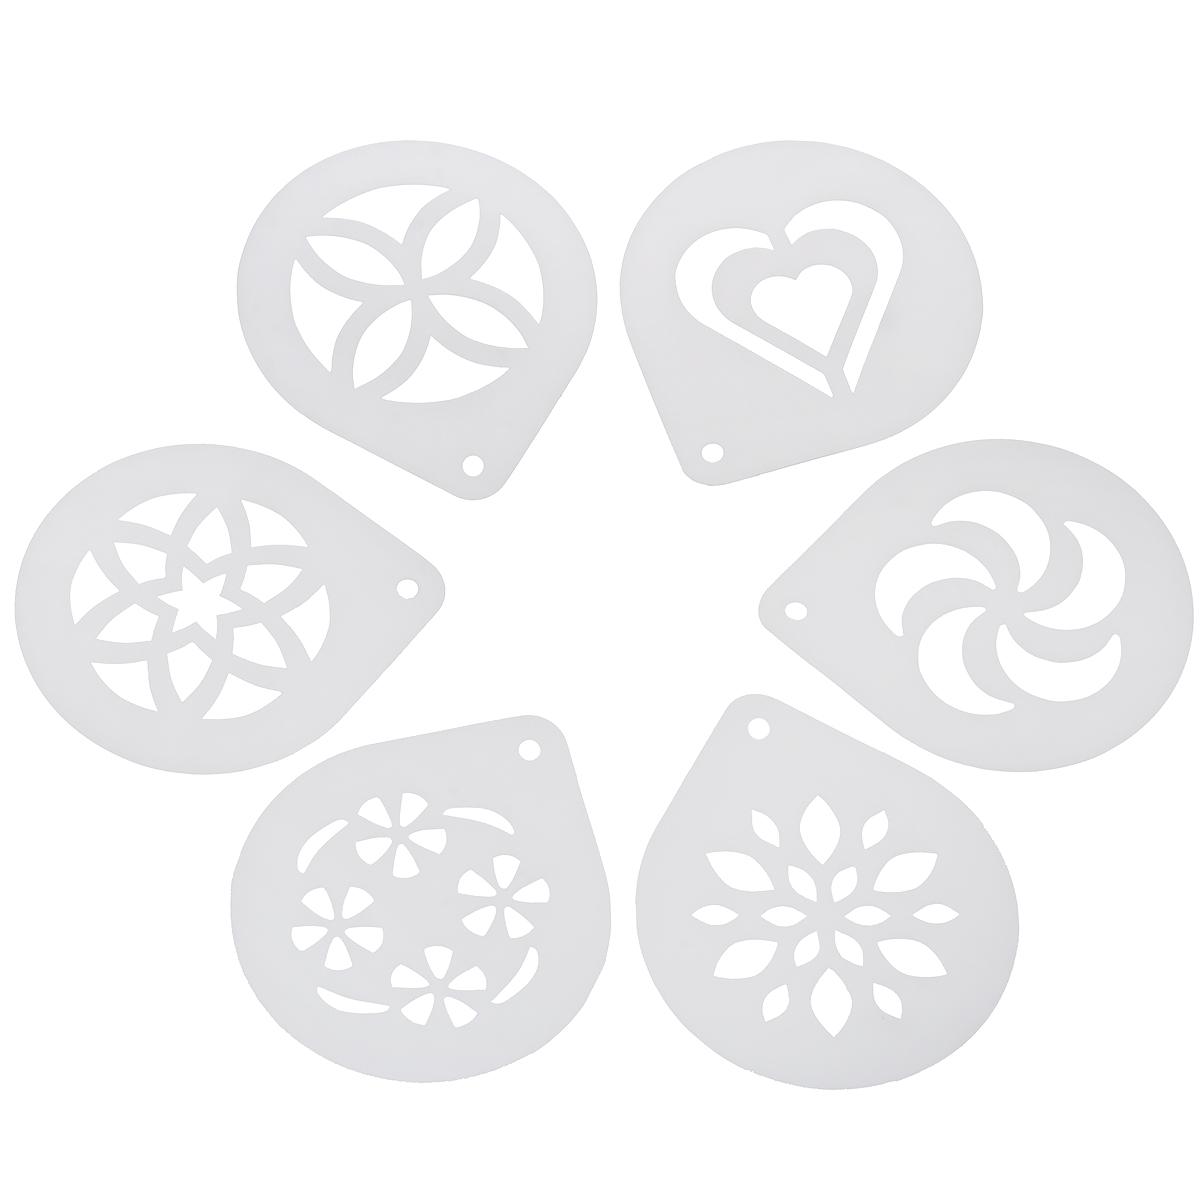 """Трафареты для капучино Tescoma """"My Drink"""" выполнены из высококачественного прочного пластика. В наборе 6 различных трафаретов, которые идеально подходят для стильного украшения пены капучино. Шаблон необходимо поместить чуть выше пены и слегка посыпать корицей или какао. Можно мыть в посудомоечной машине. Размер трафарета: 11,5 см х 10 см."""